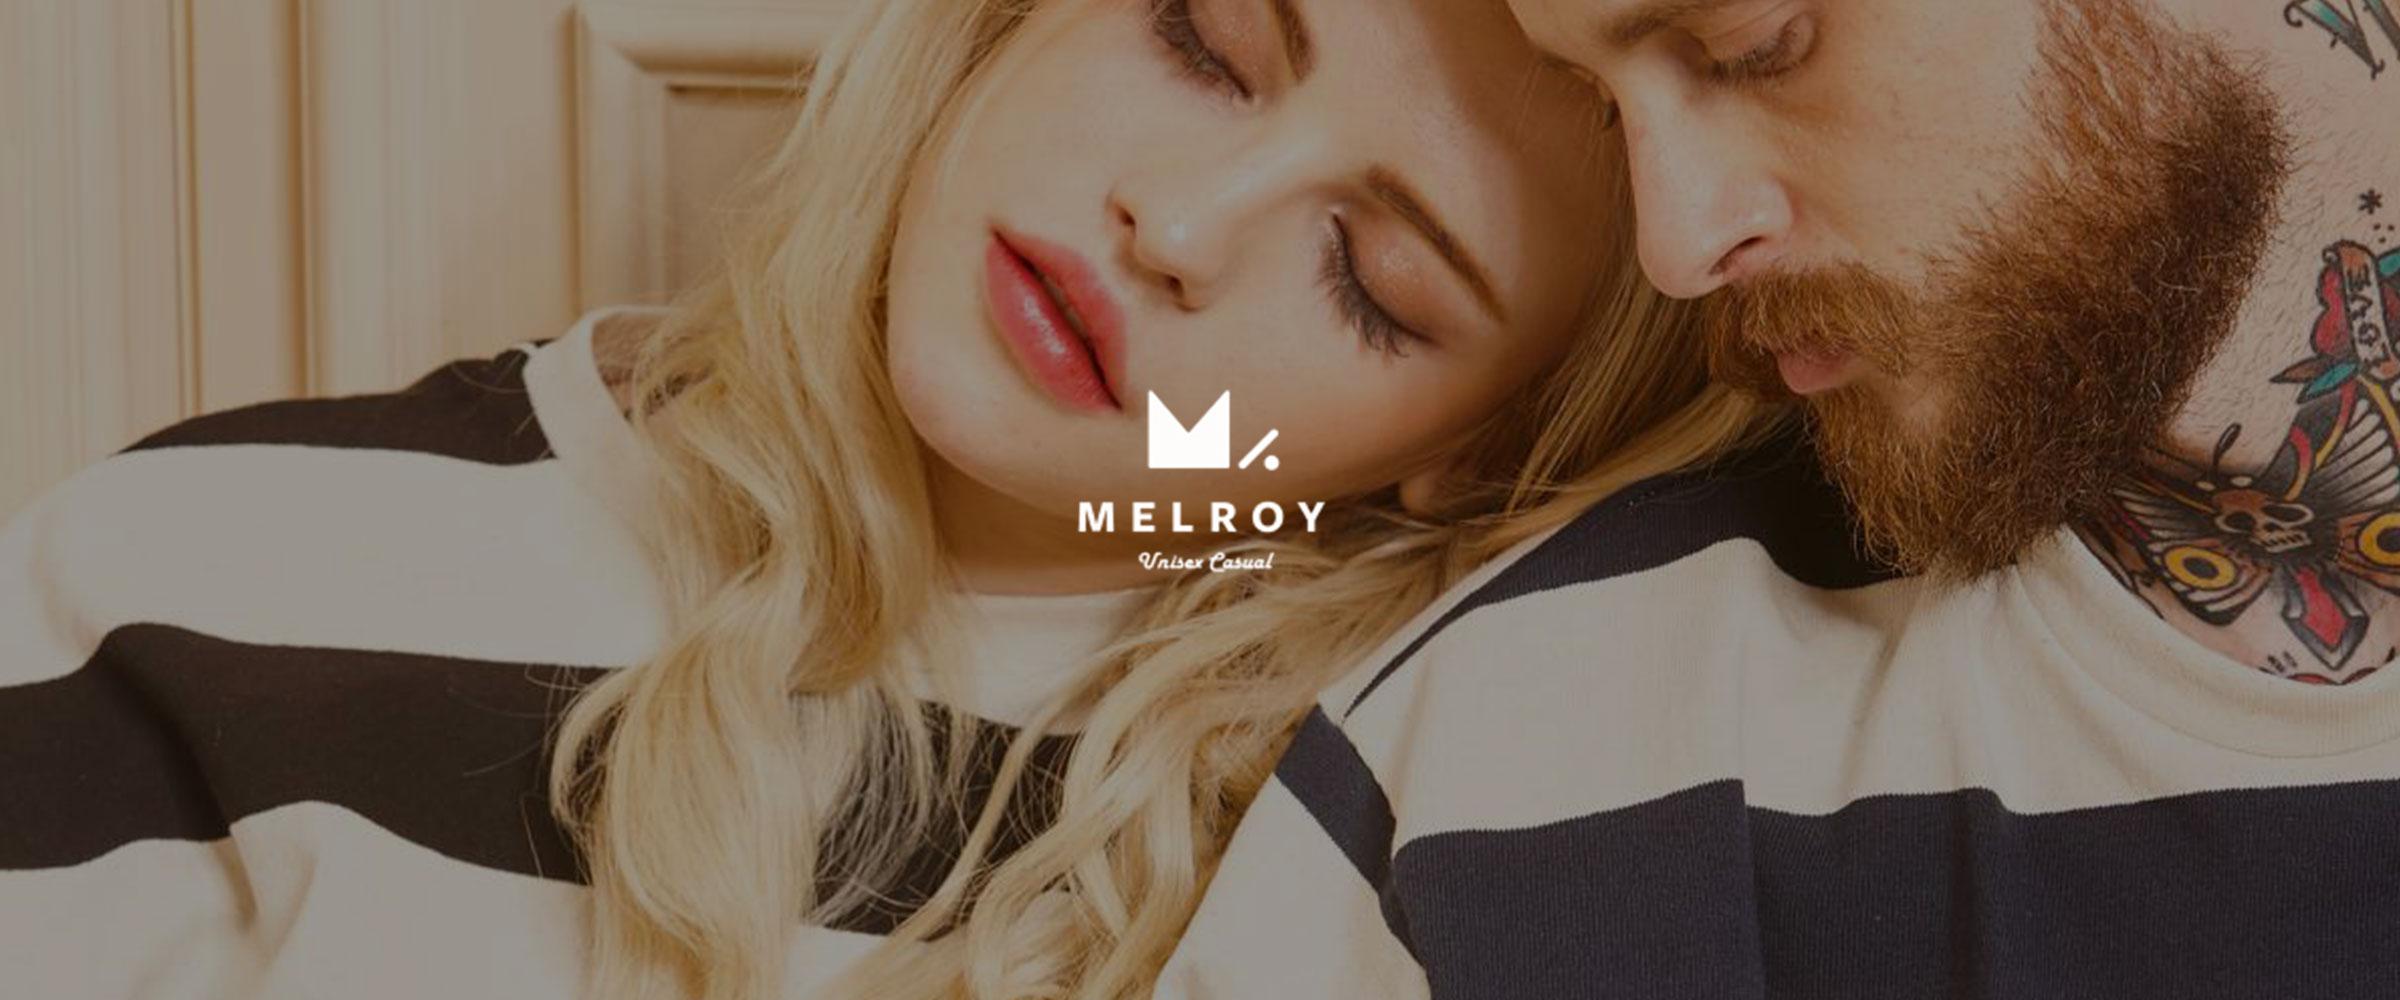 merloy.jpg